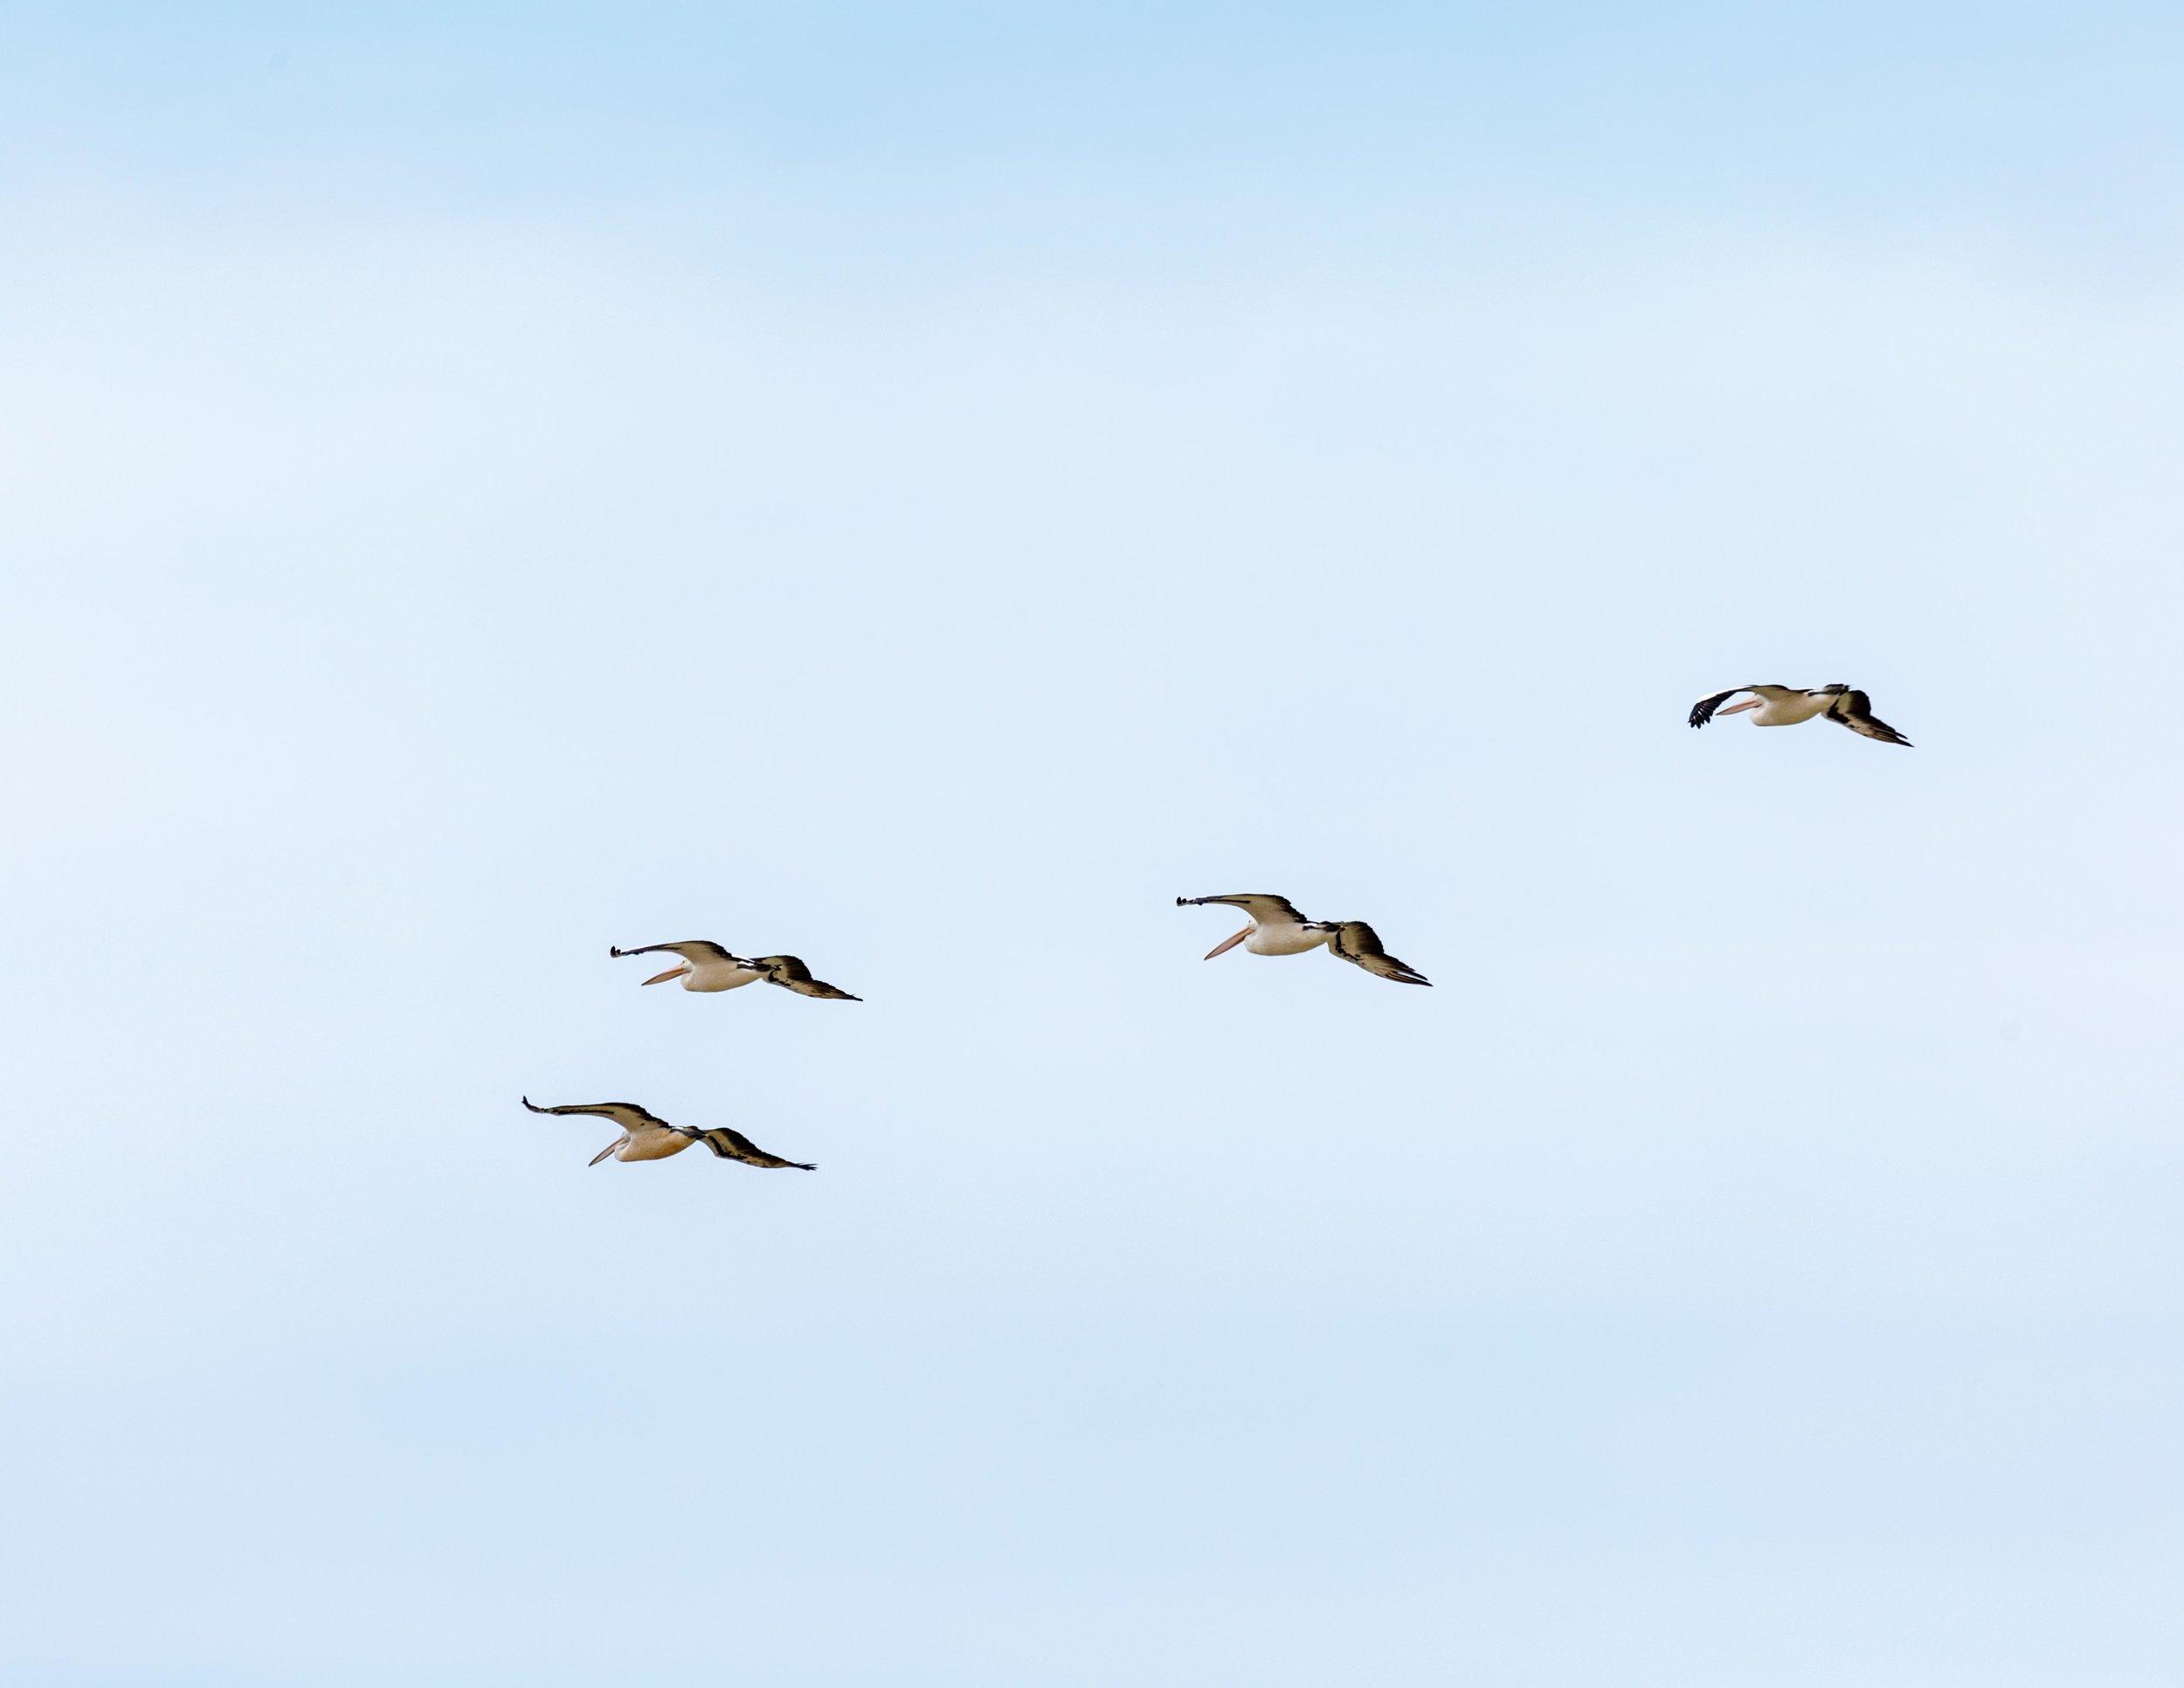 Pelicans in Coorong